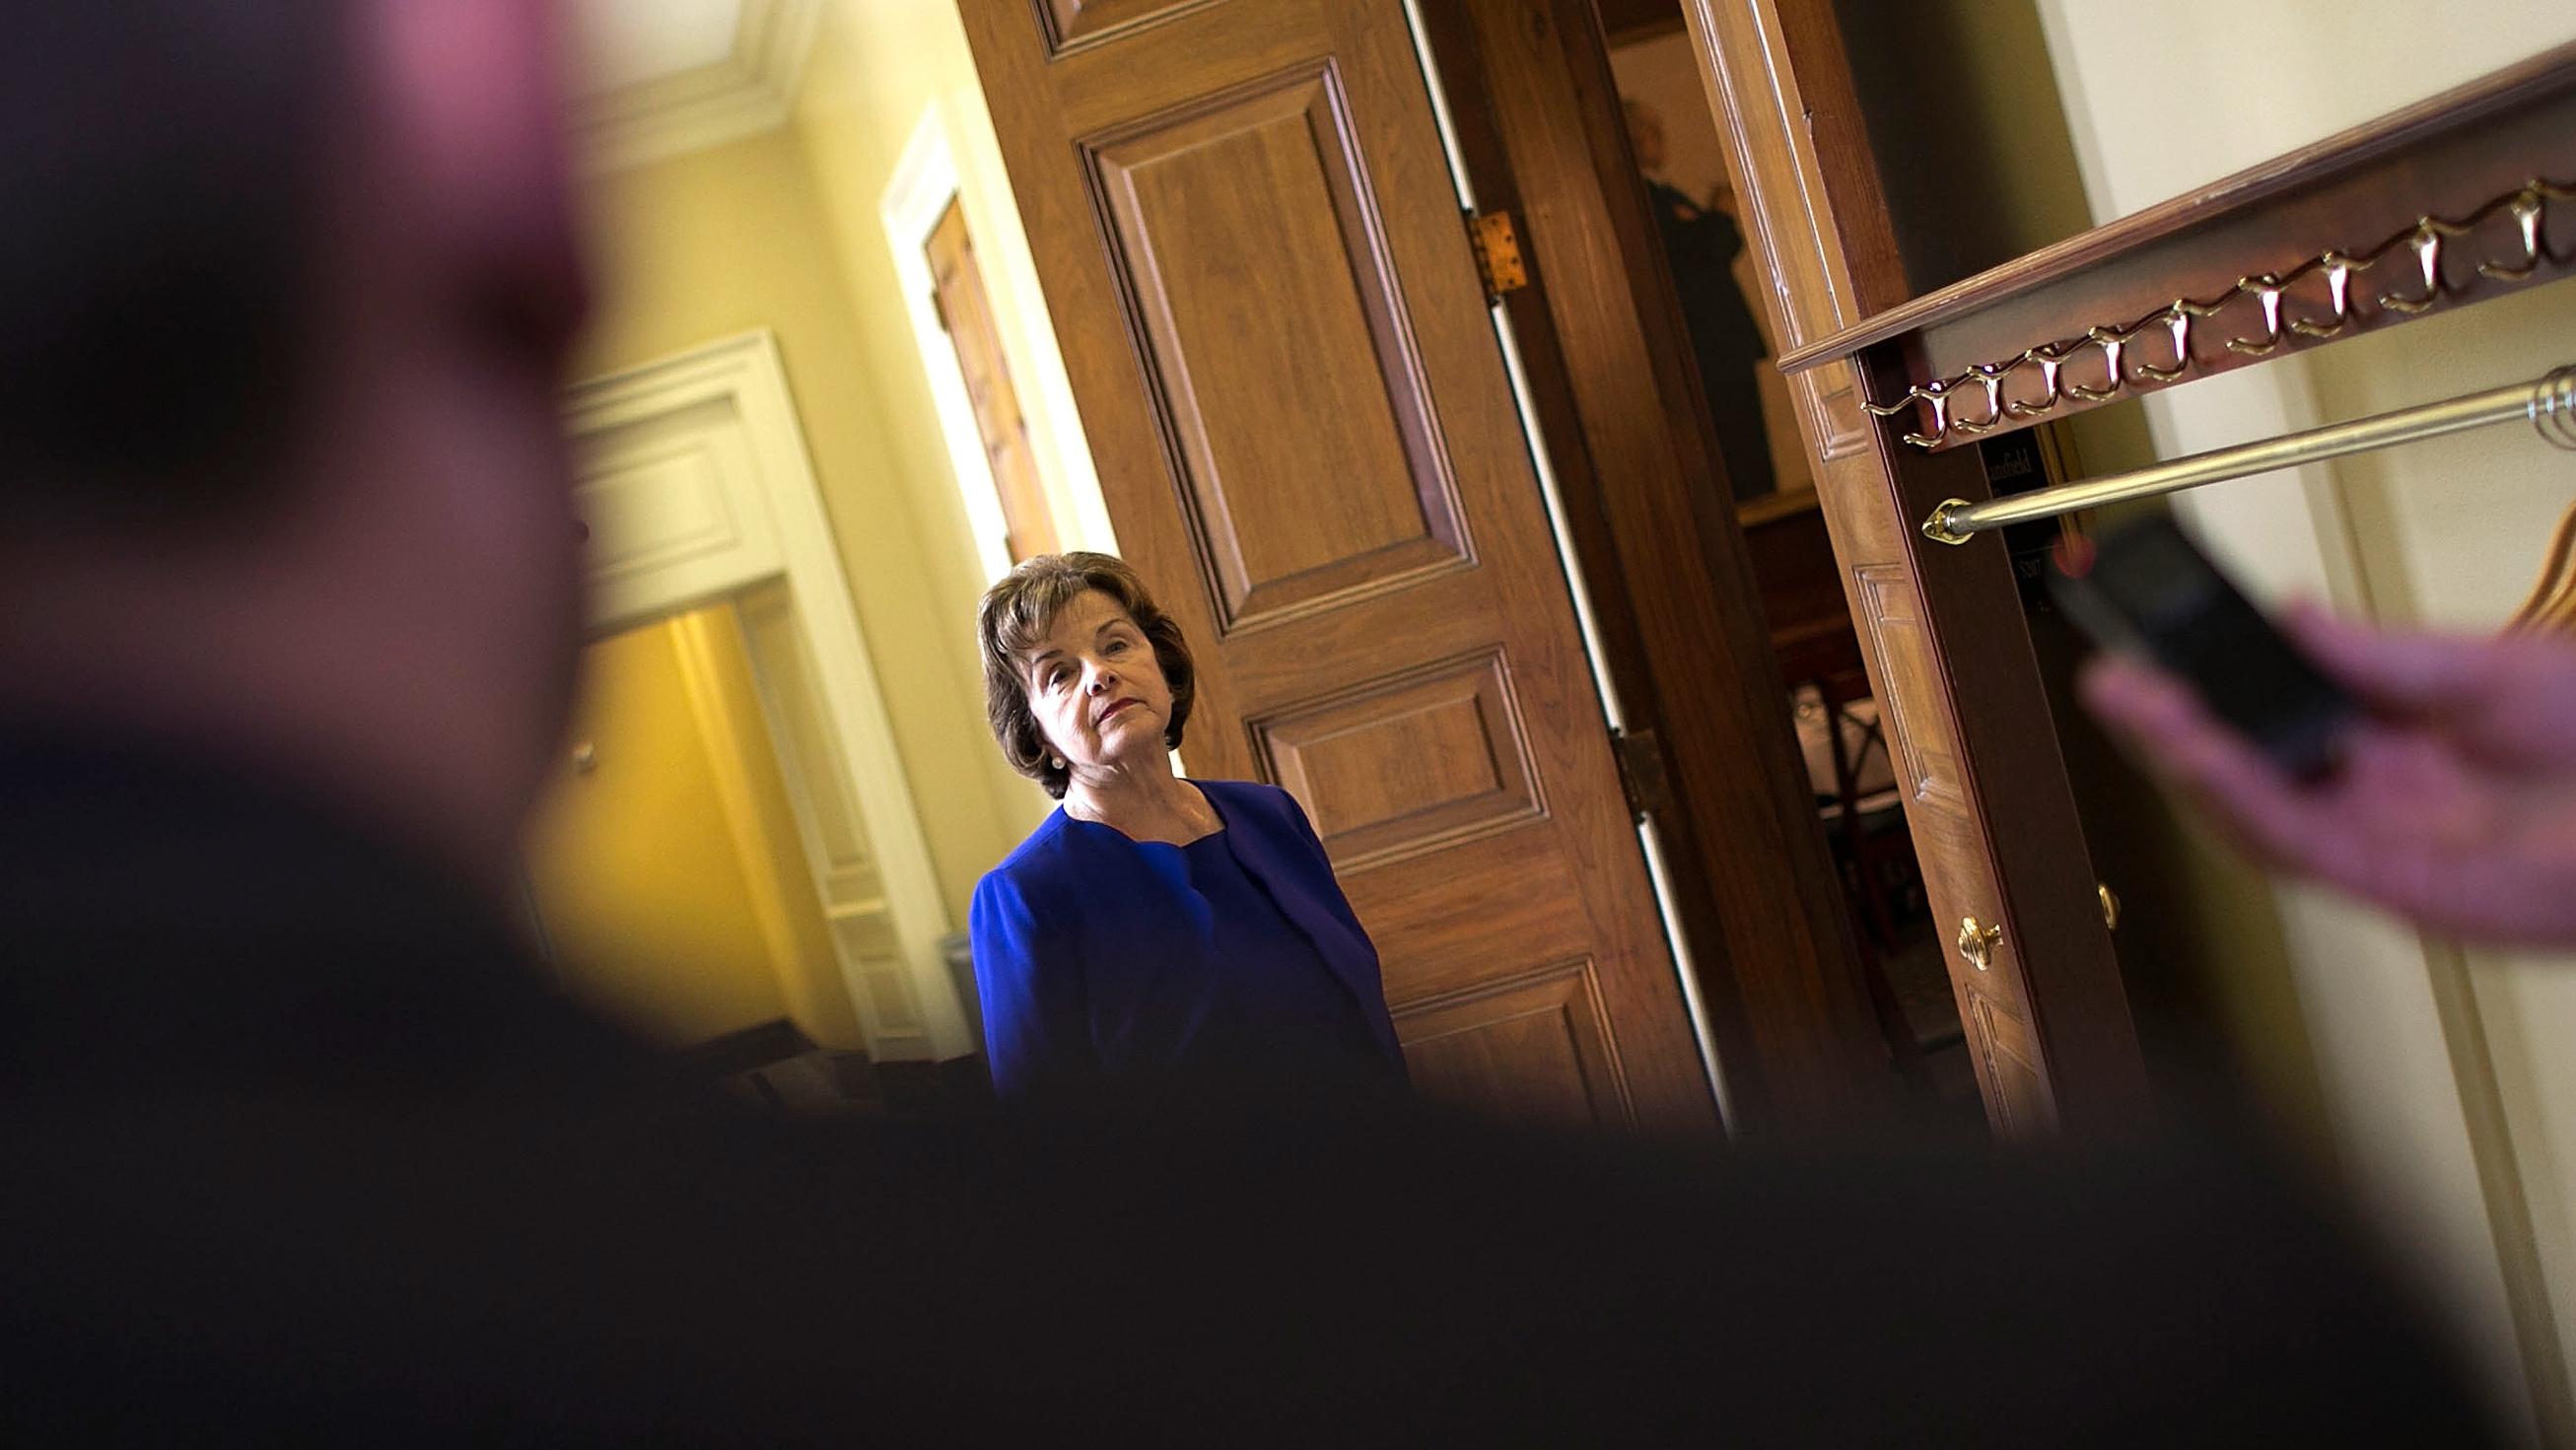 Senate-CIA Clash Goes Behind Closed Doors